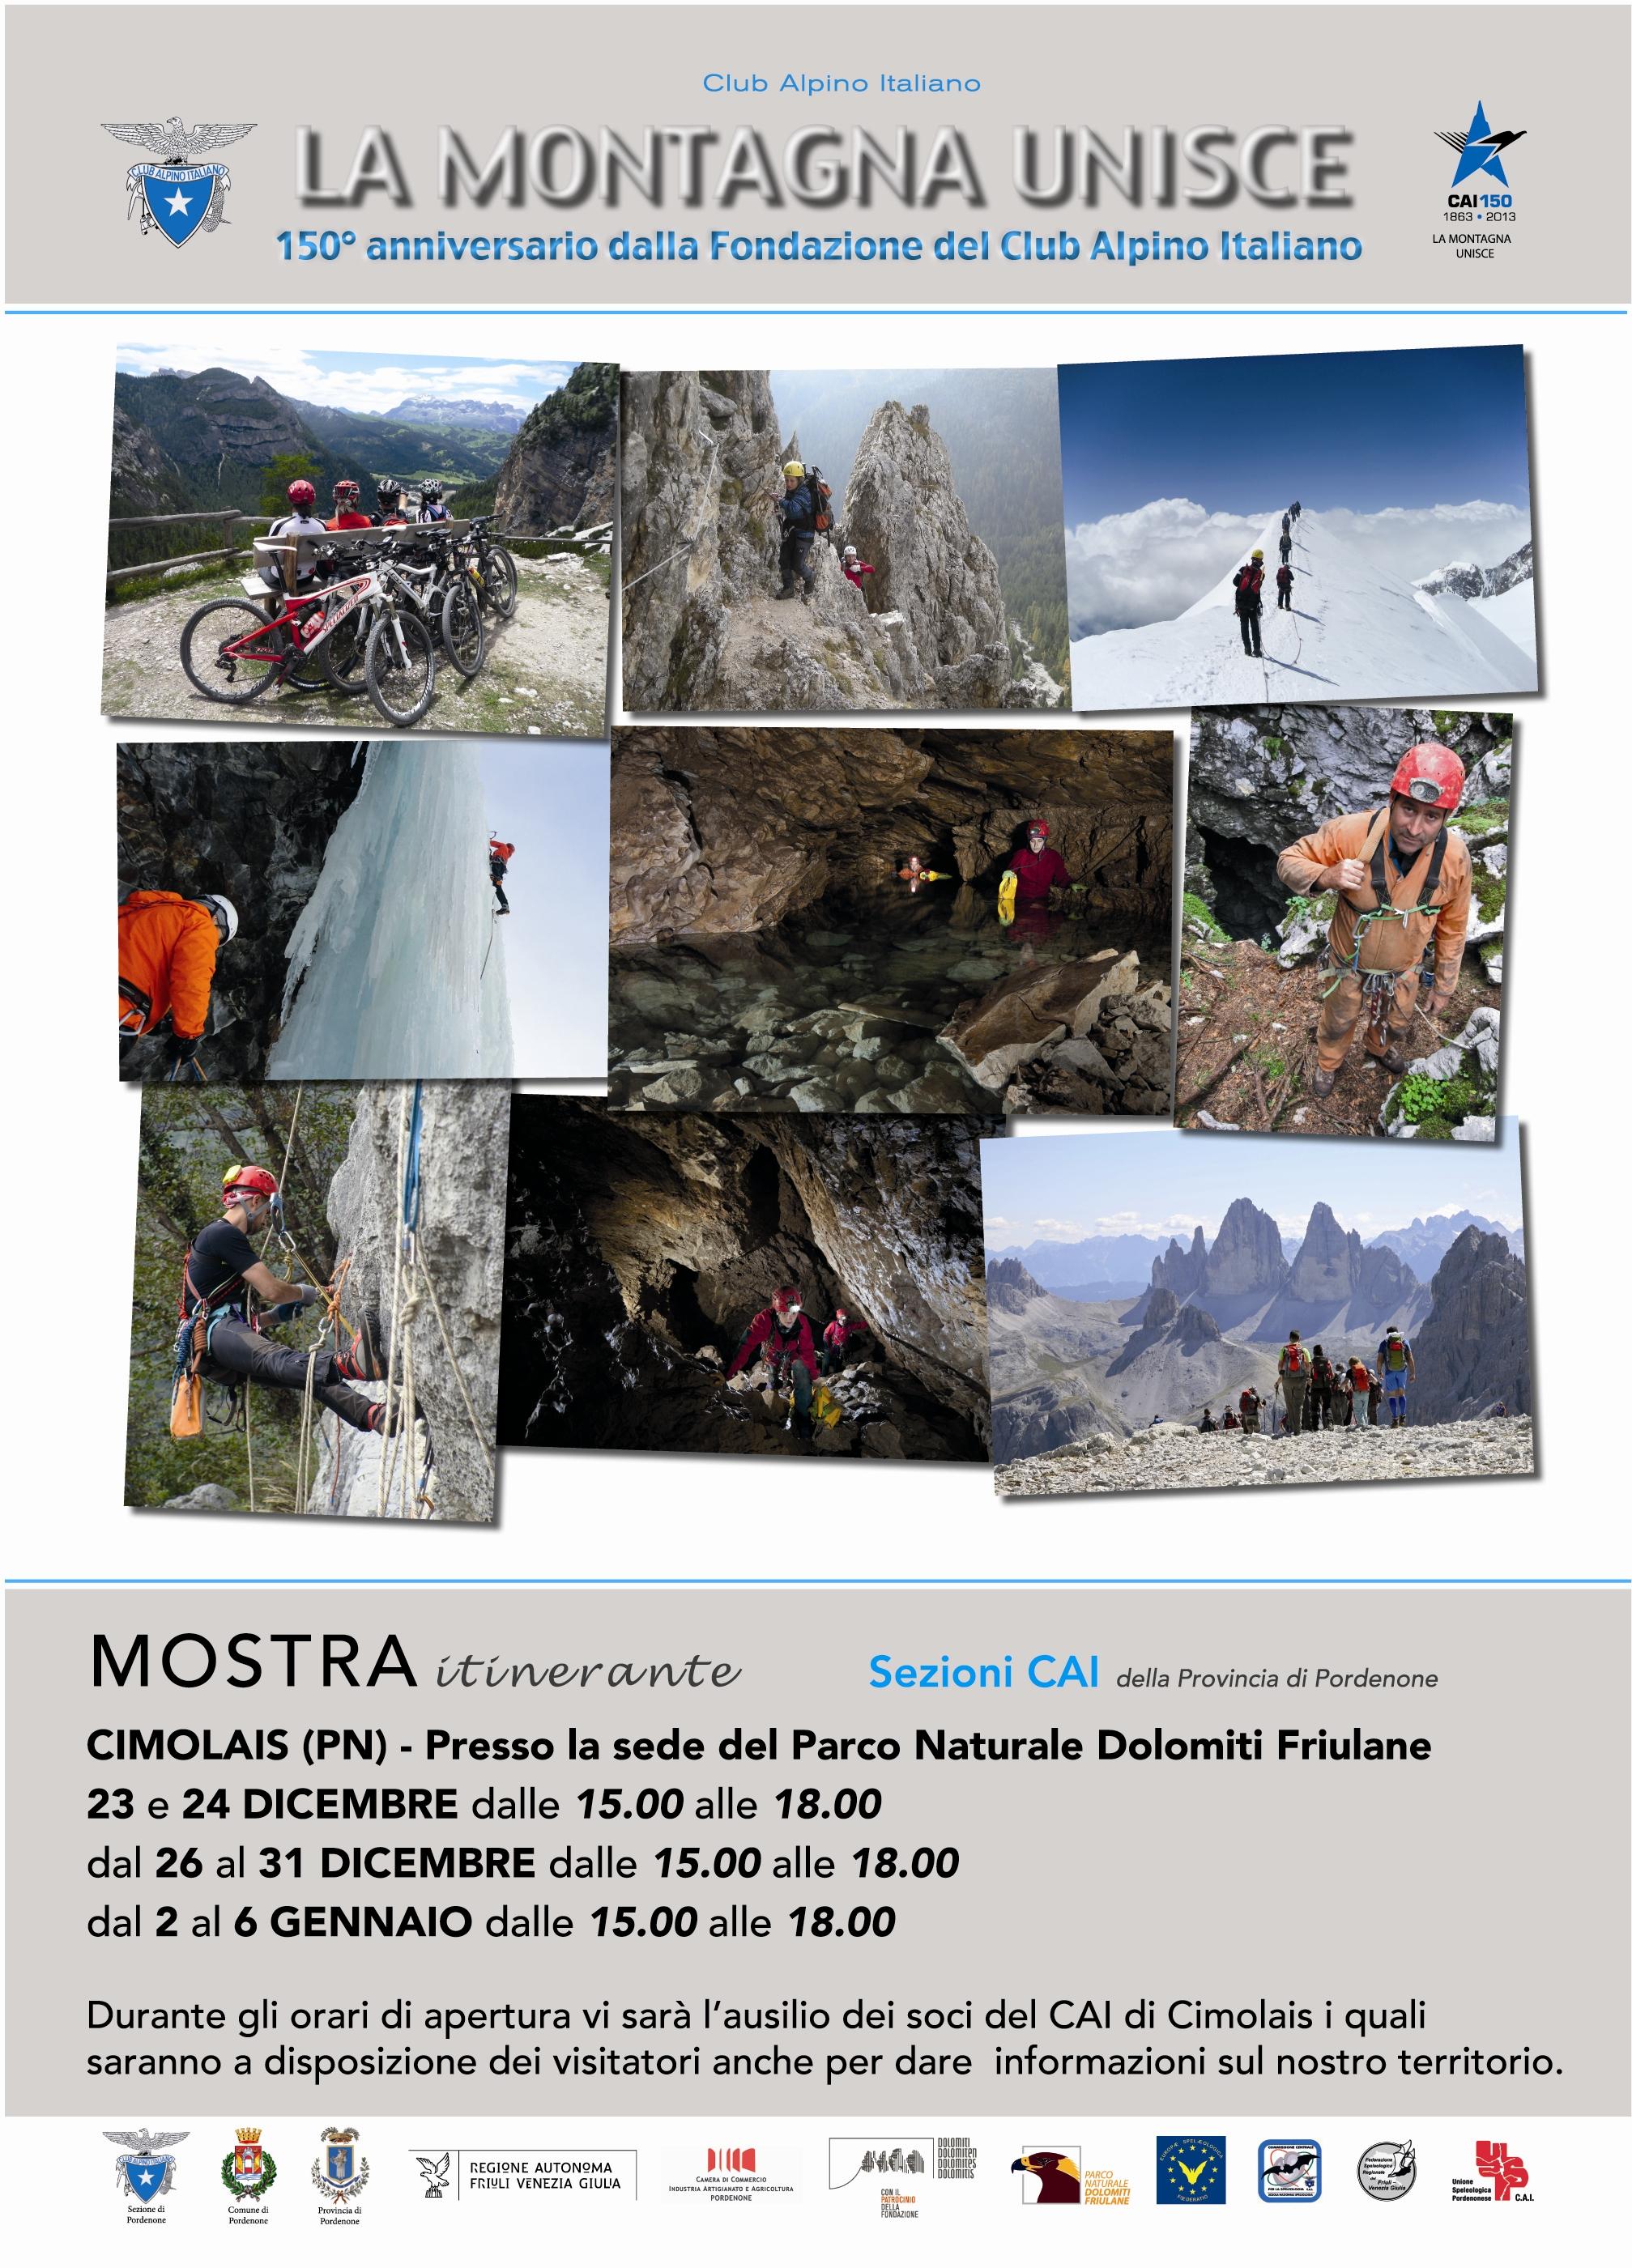 Mostra Itinerante 2013 (2)